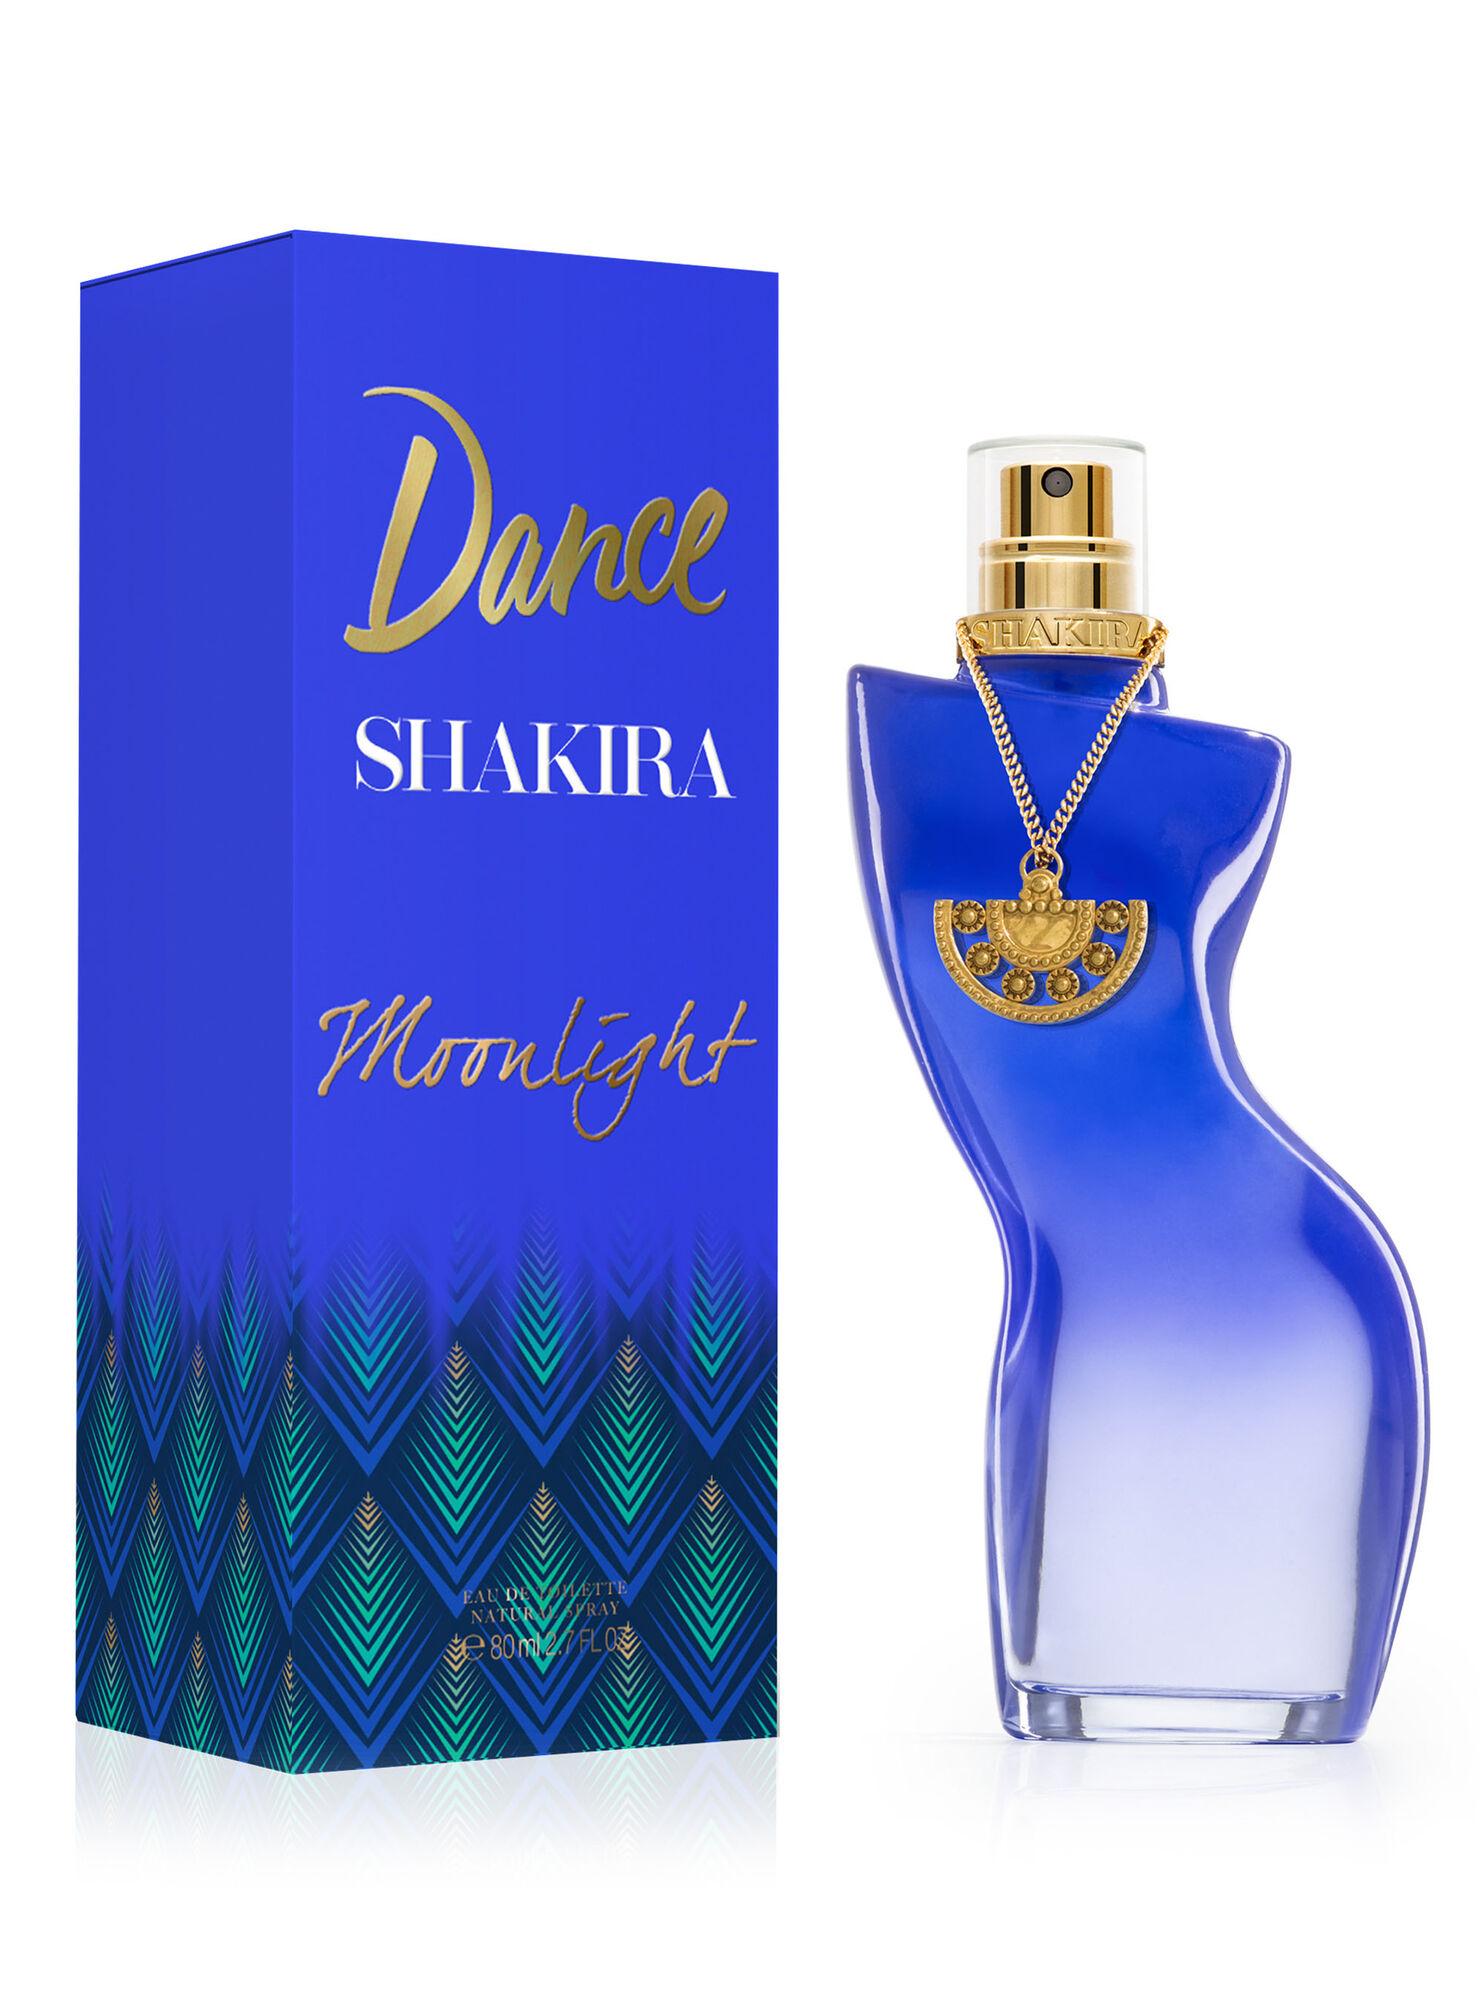 perfume de shakira dance precio